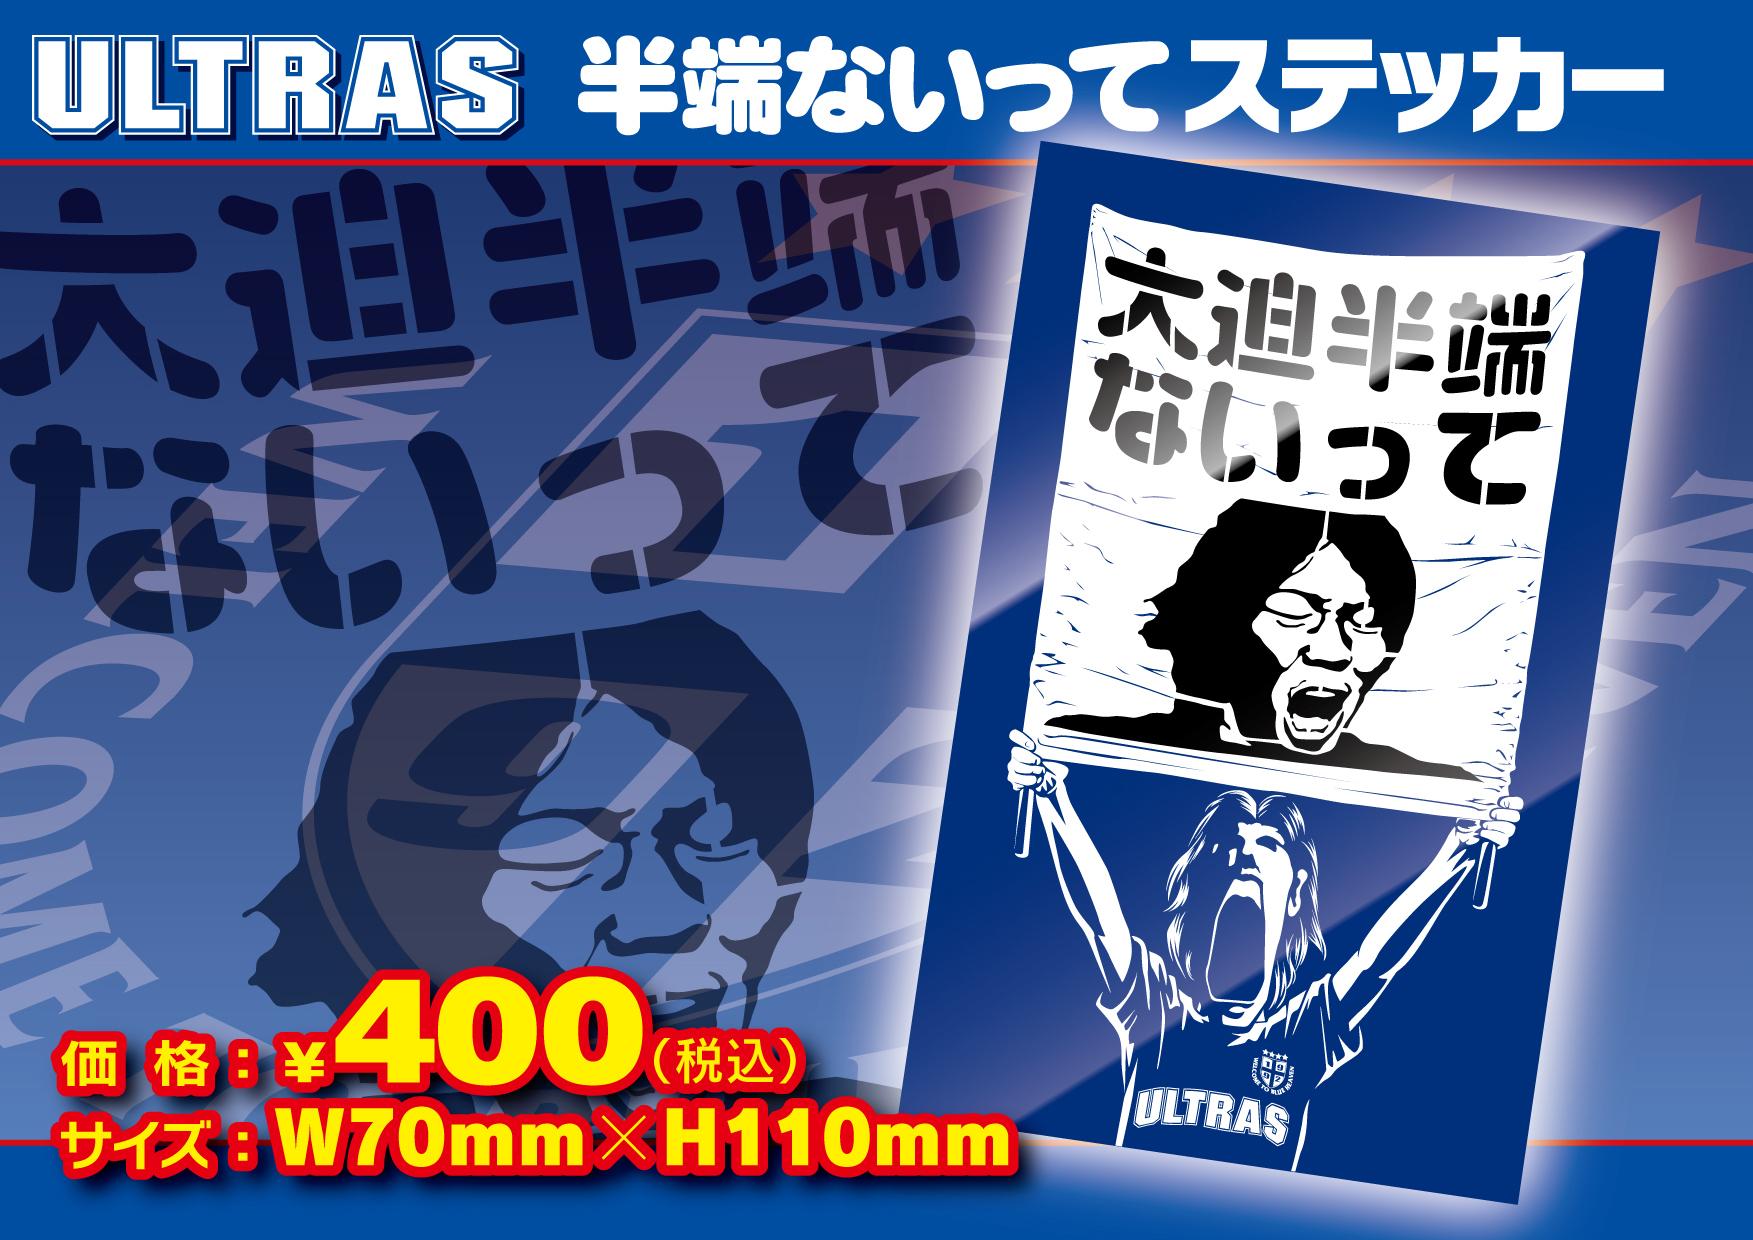 ULTRAS 半端ないって ステッカー【メール便発送可】